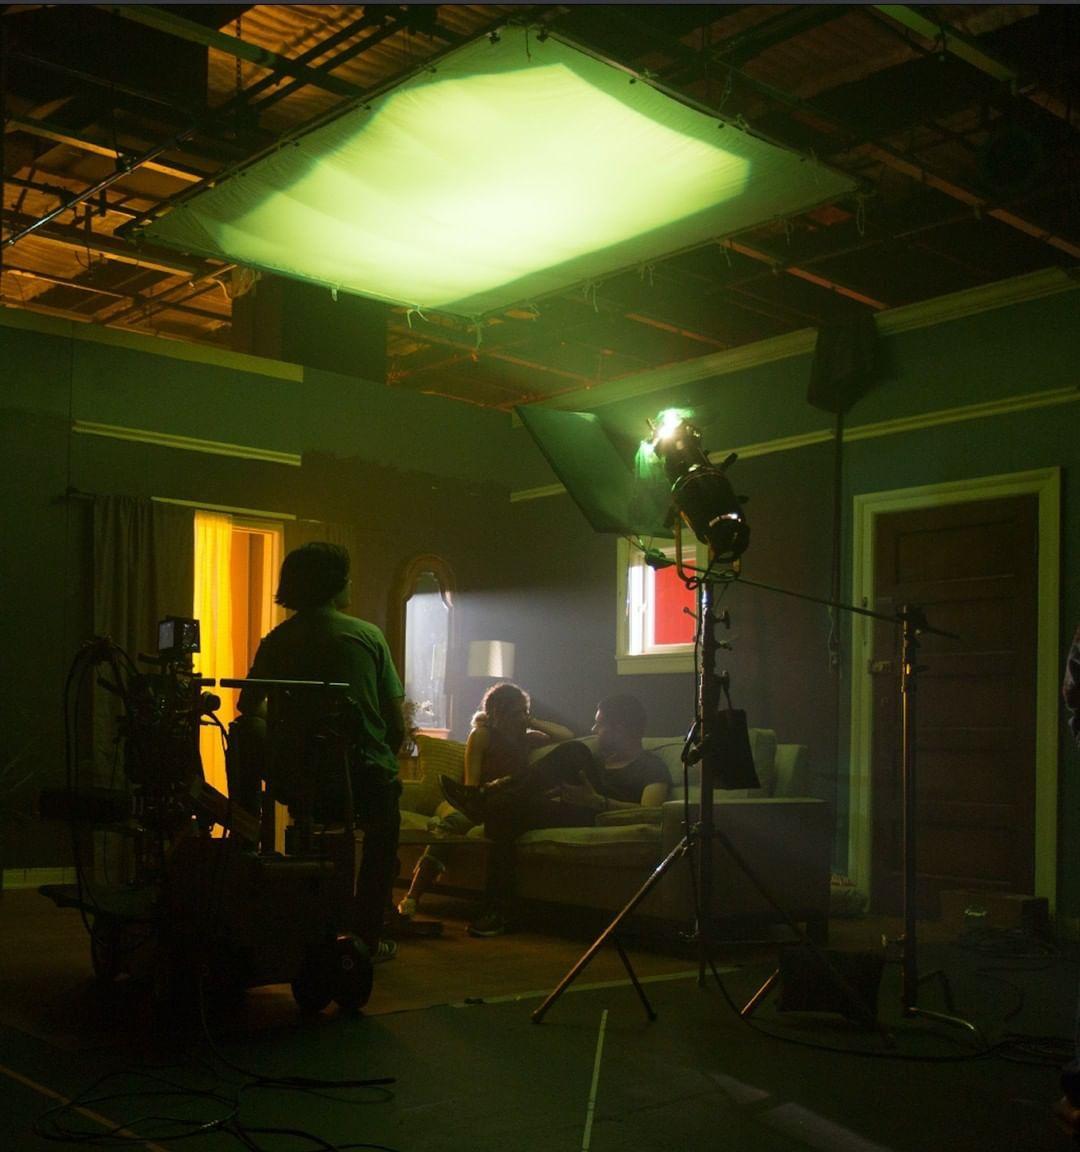 طرق وأنواع في الإضاءة : الإضاءة العلوية Top Light